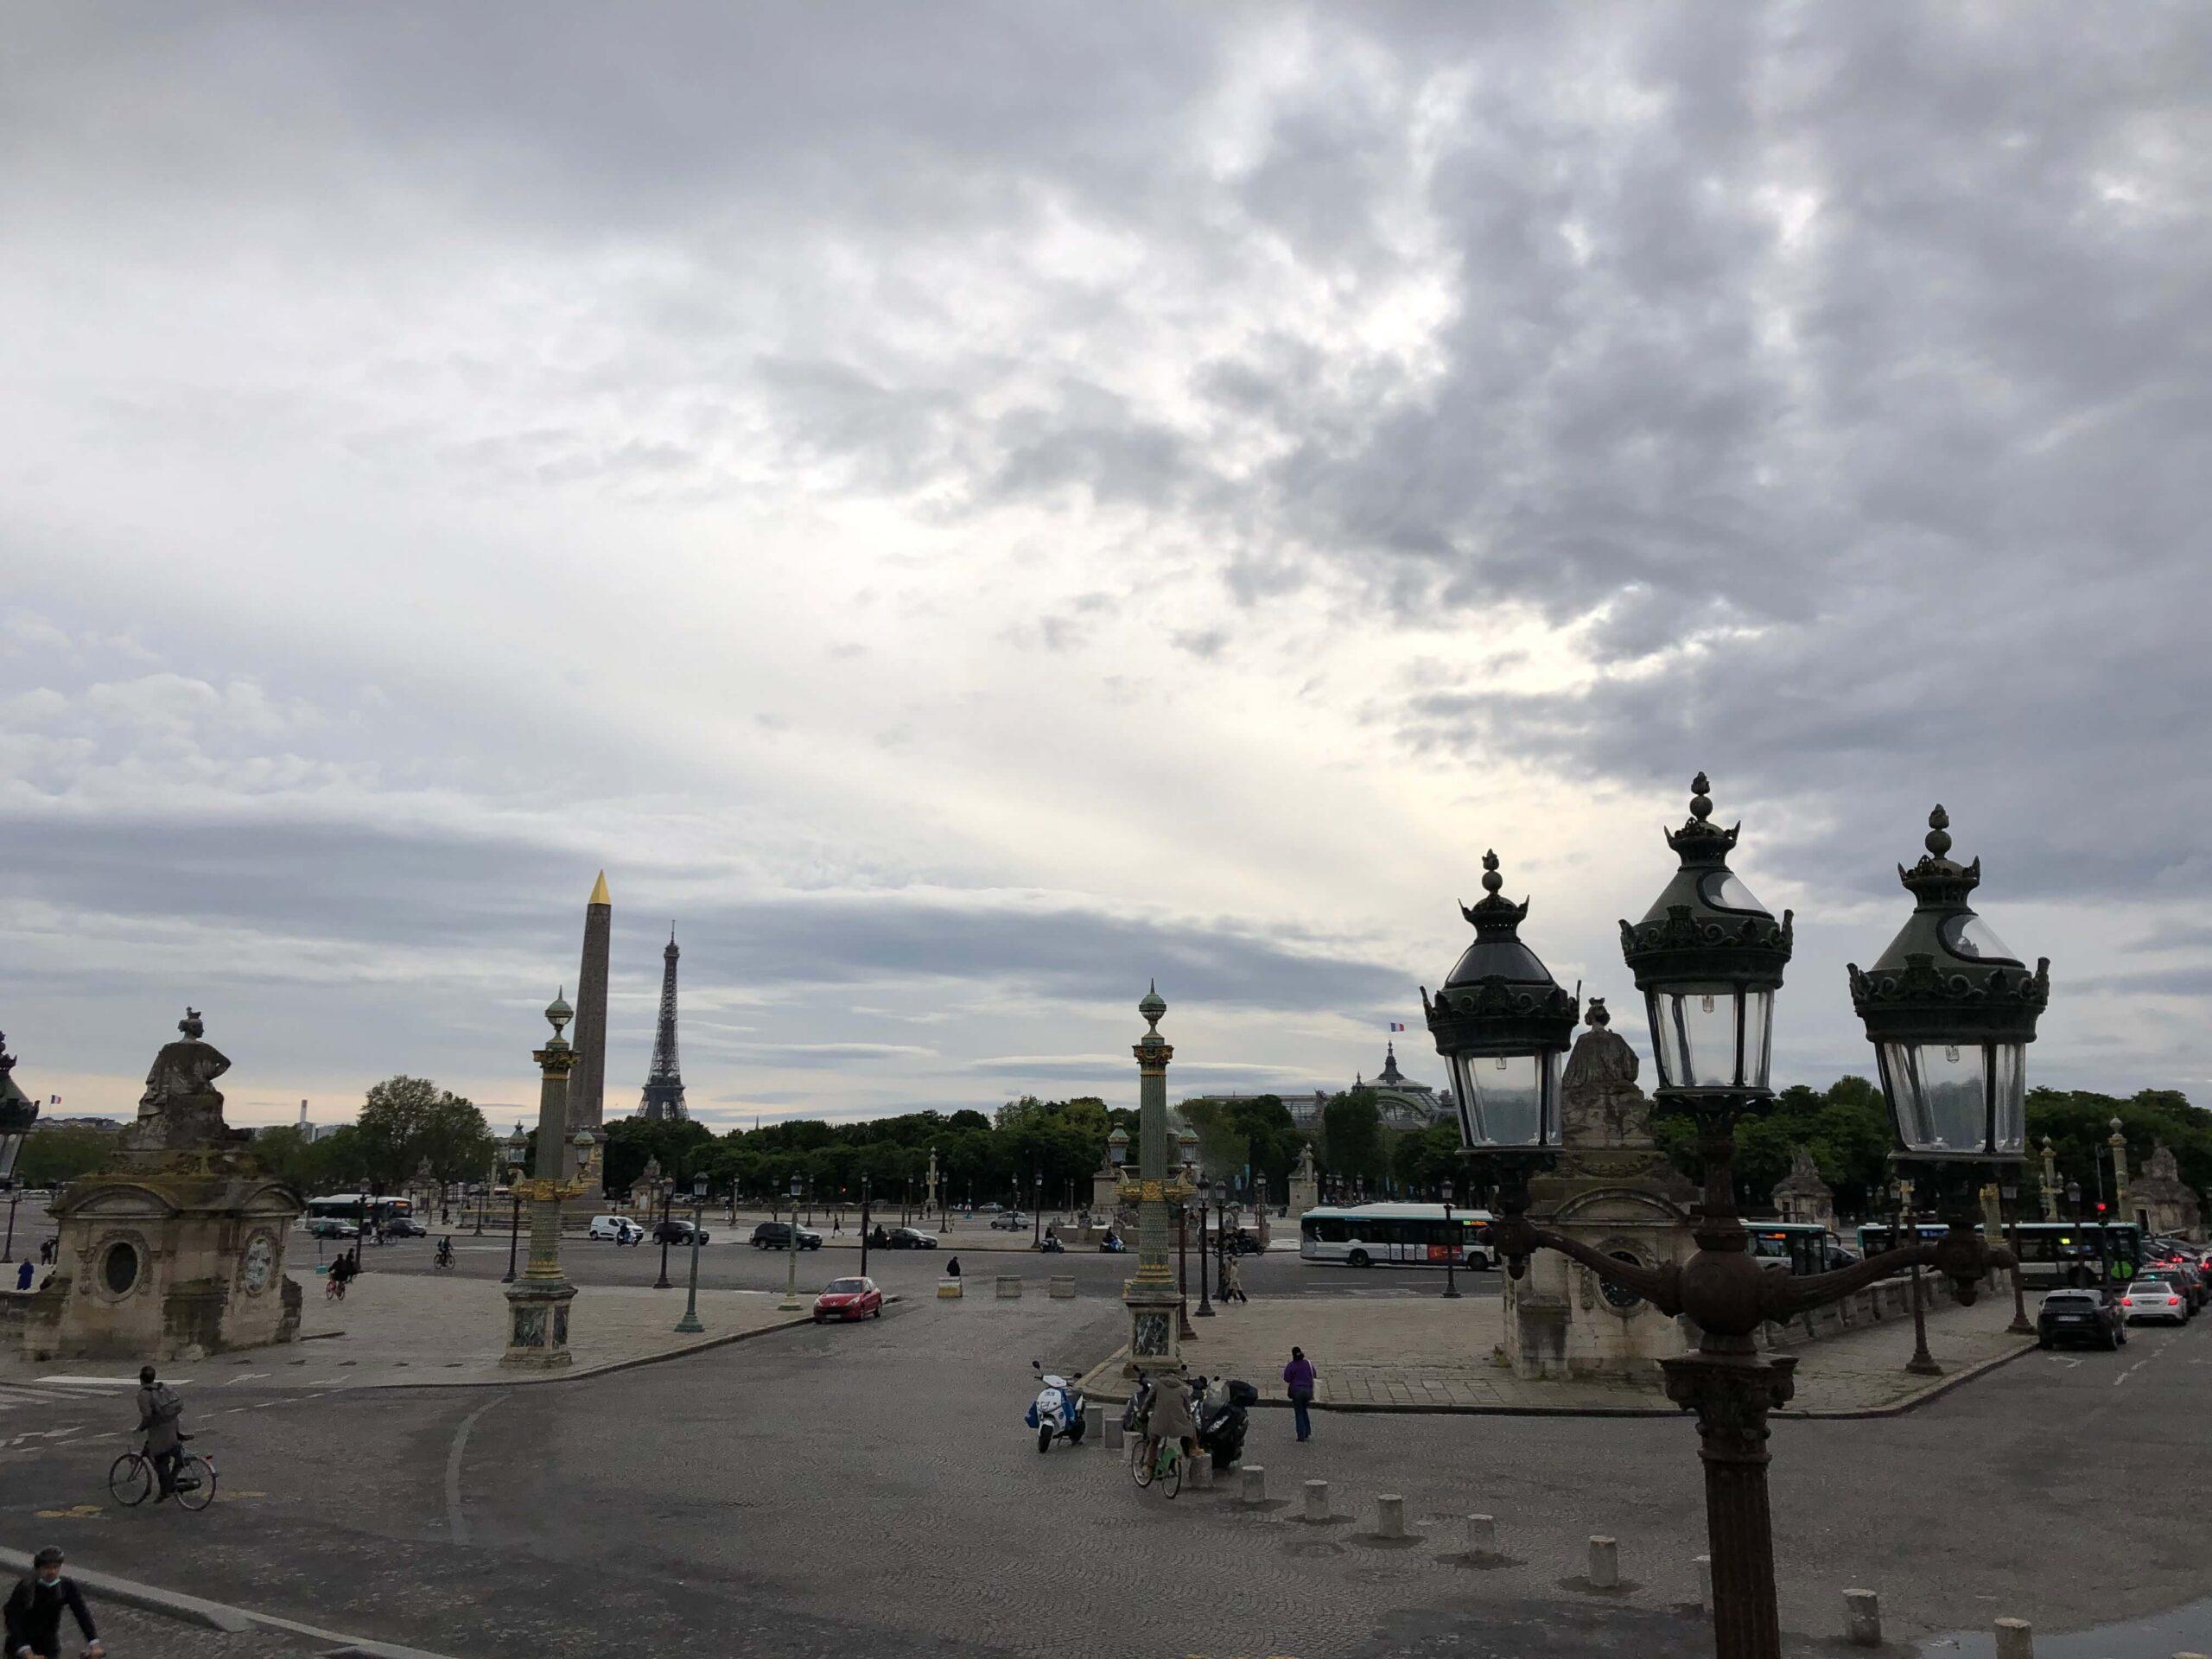 パリ最新情報「クリーンな街を目指すパリ、時速30キロの速度制限が始まる」